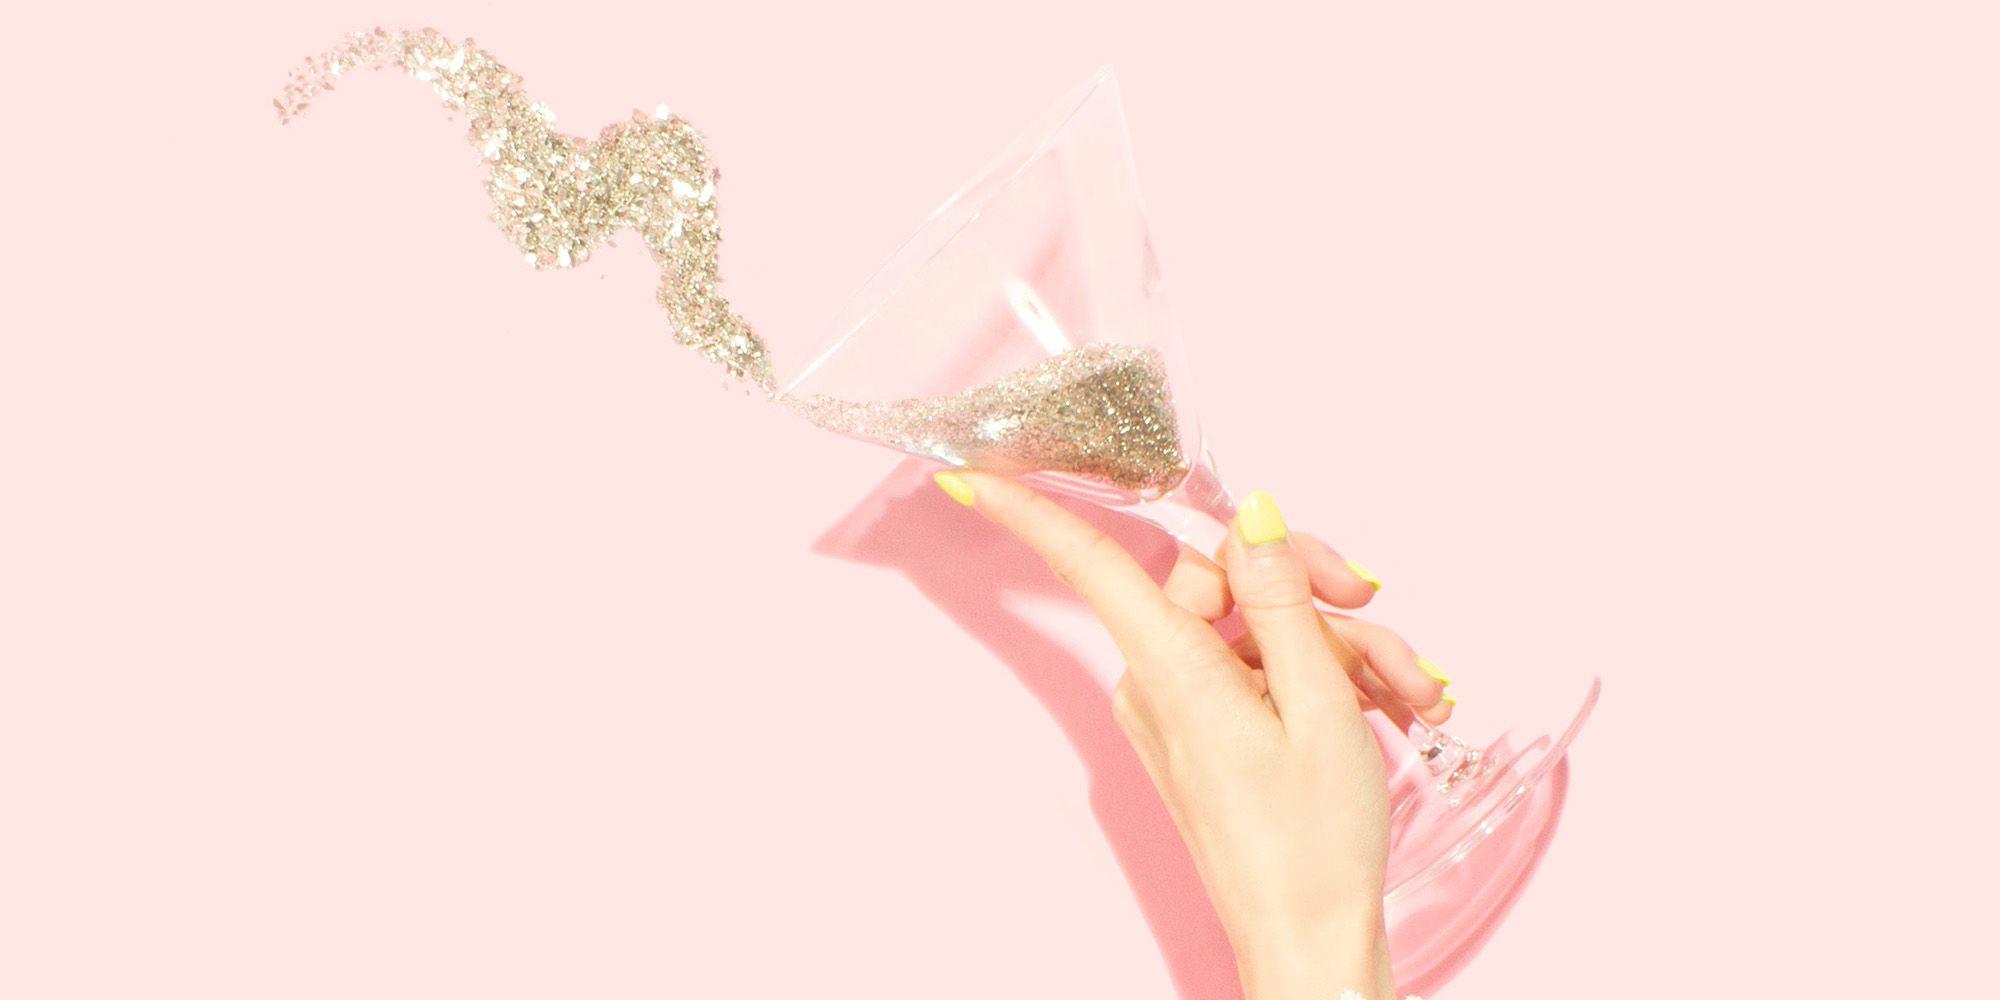 champagneglas kiezen, beste champagneglas, champagneglazen